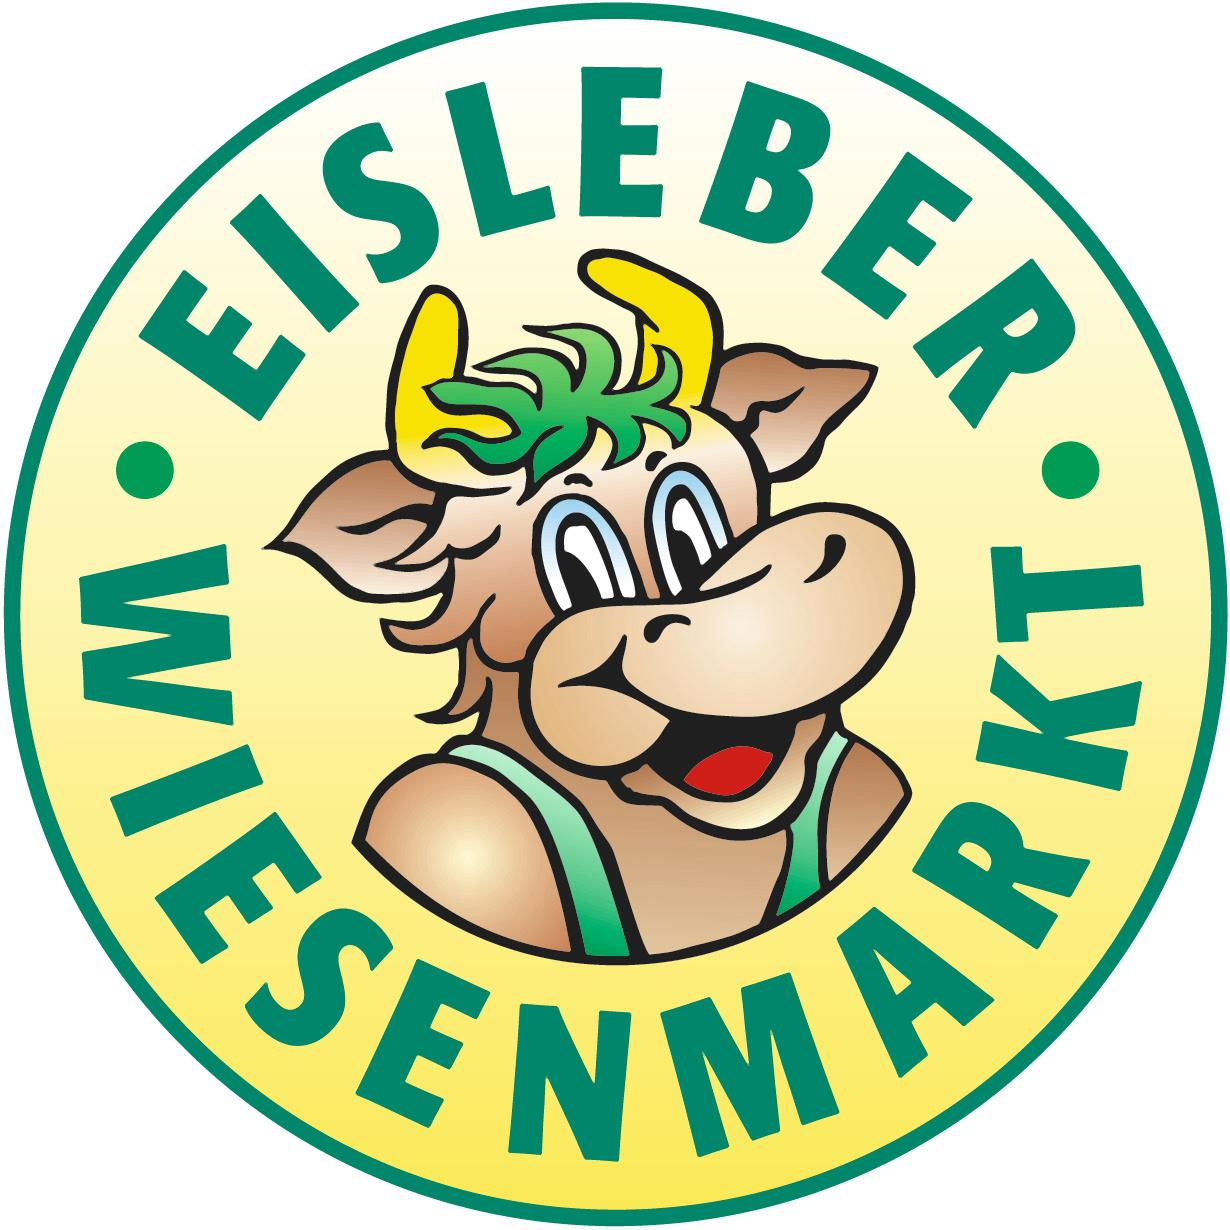 496. Eisleber Wiesenmarkt